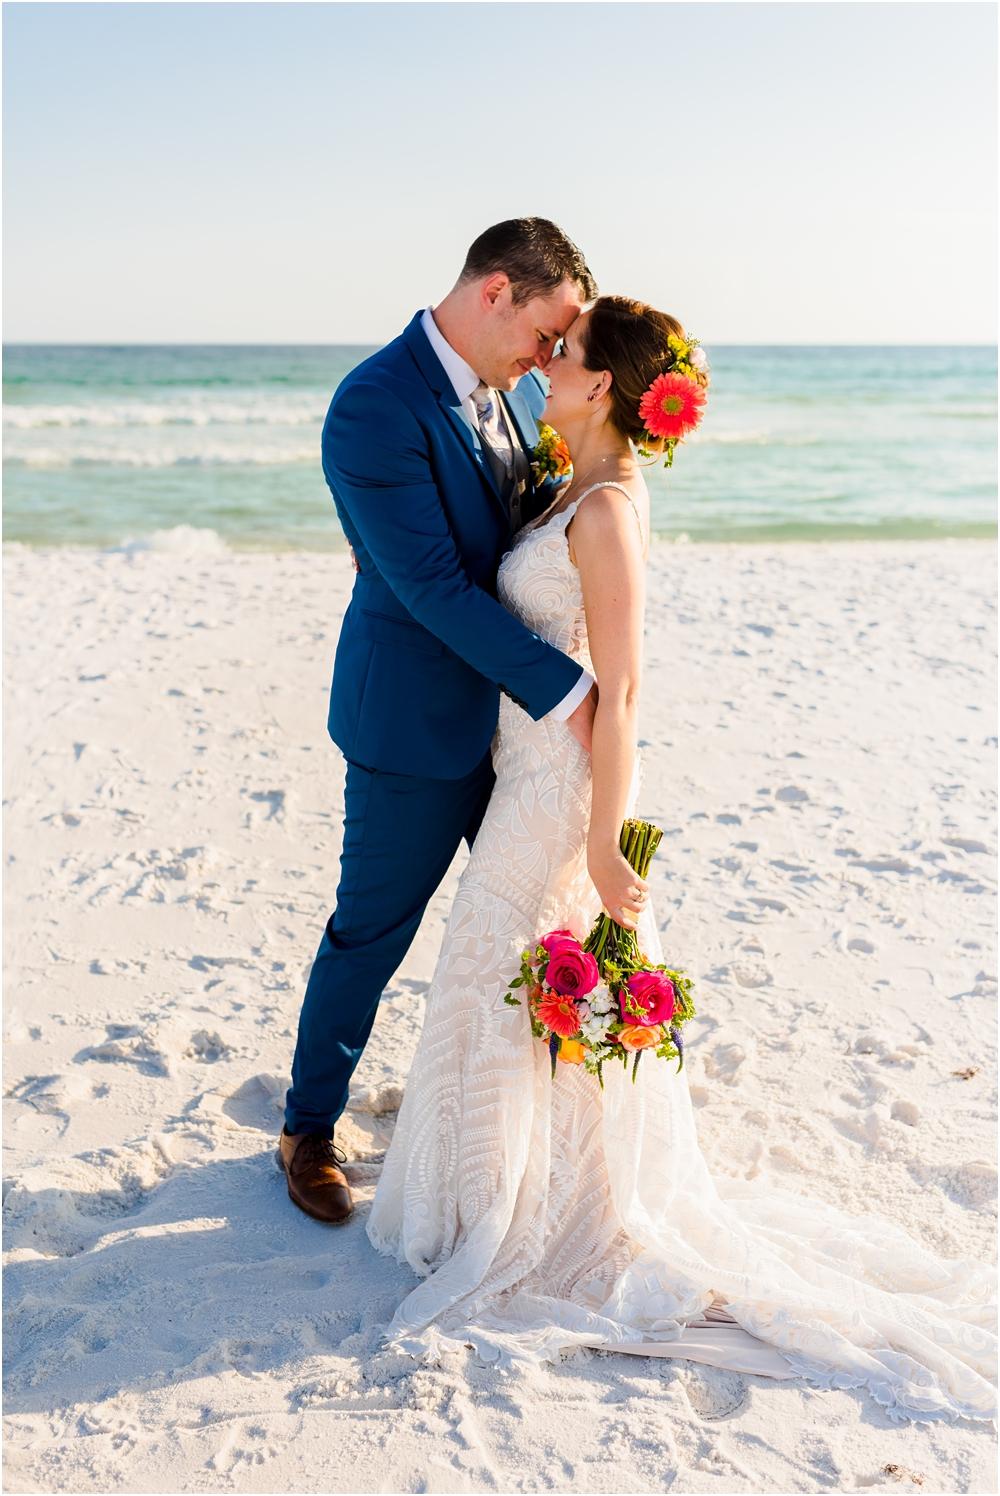 destin-sunquest-cruise-wedding-kiersten-stevenson-photography-95.jpg